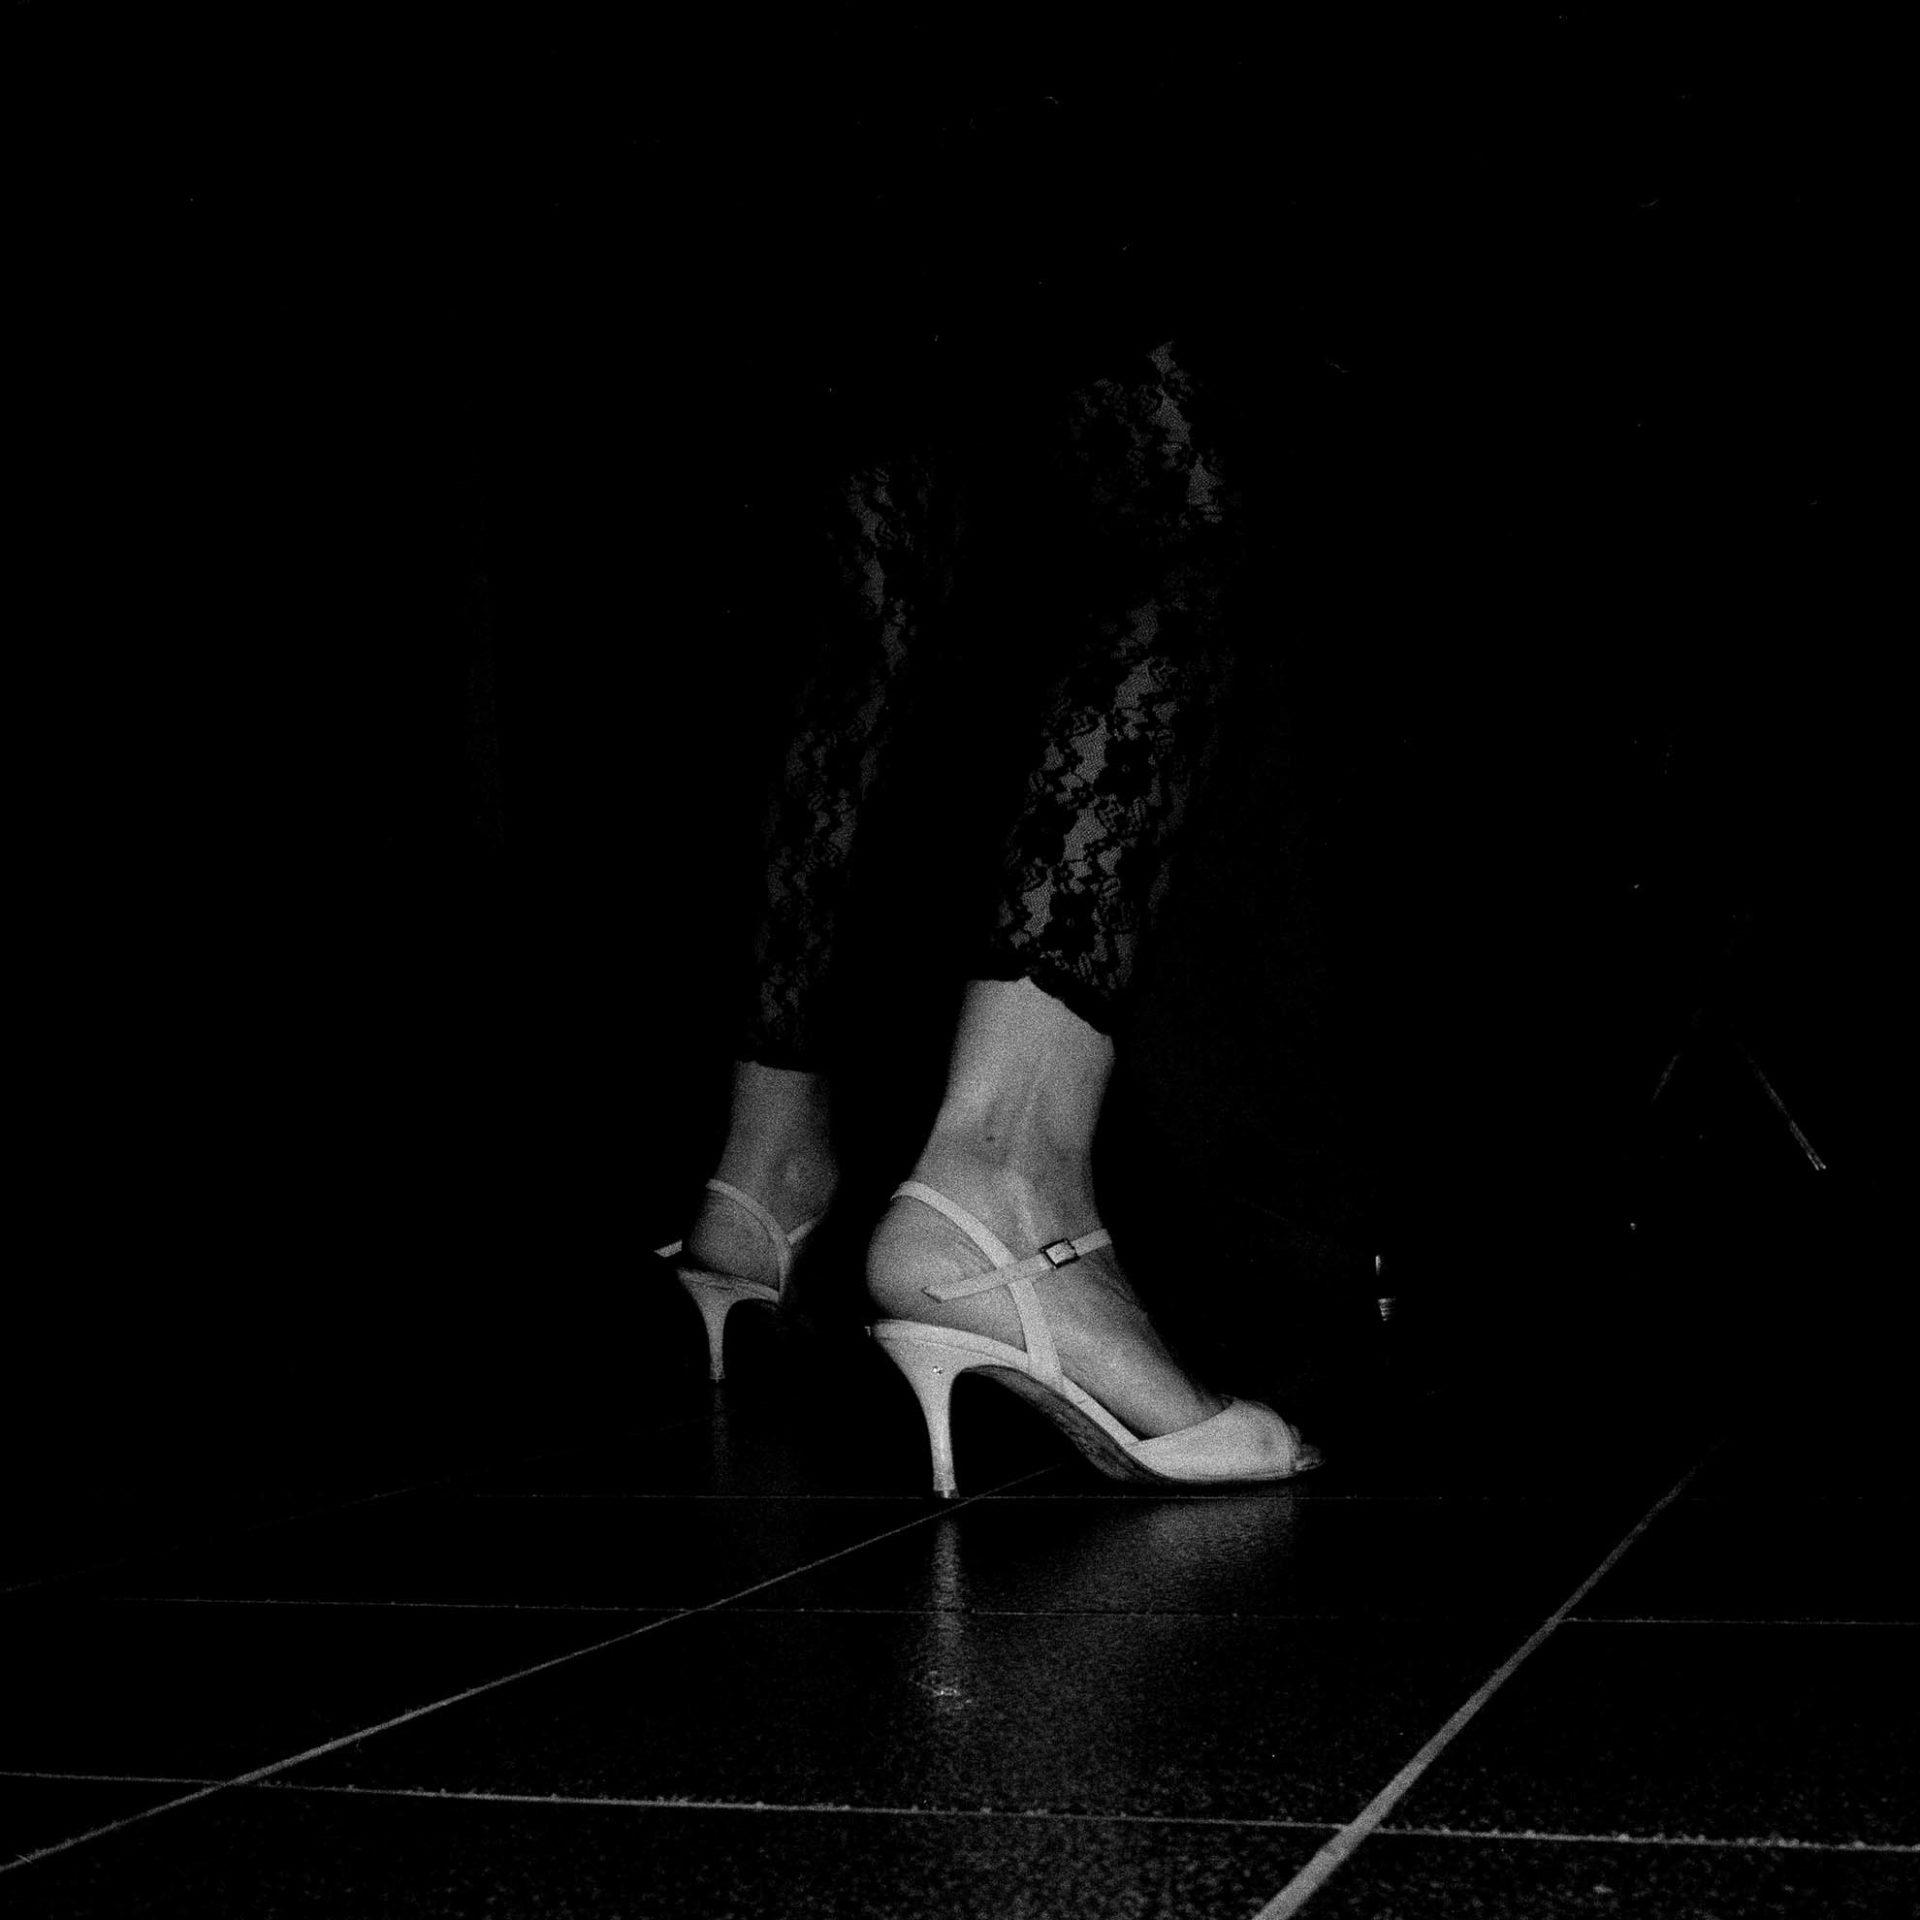 Détail de postures de Tango, photographie argentique en noir et blanc